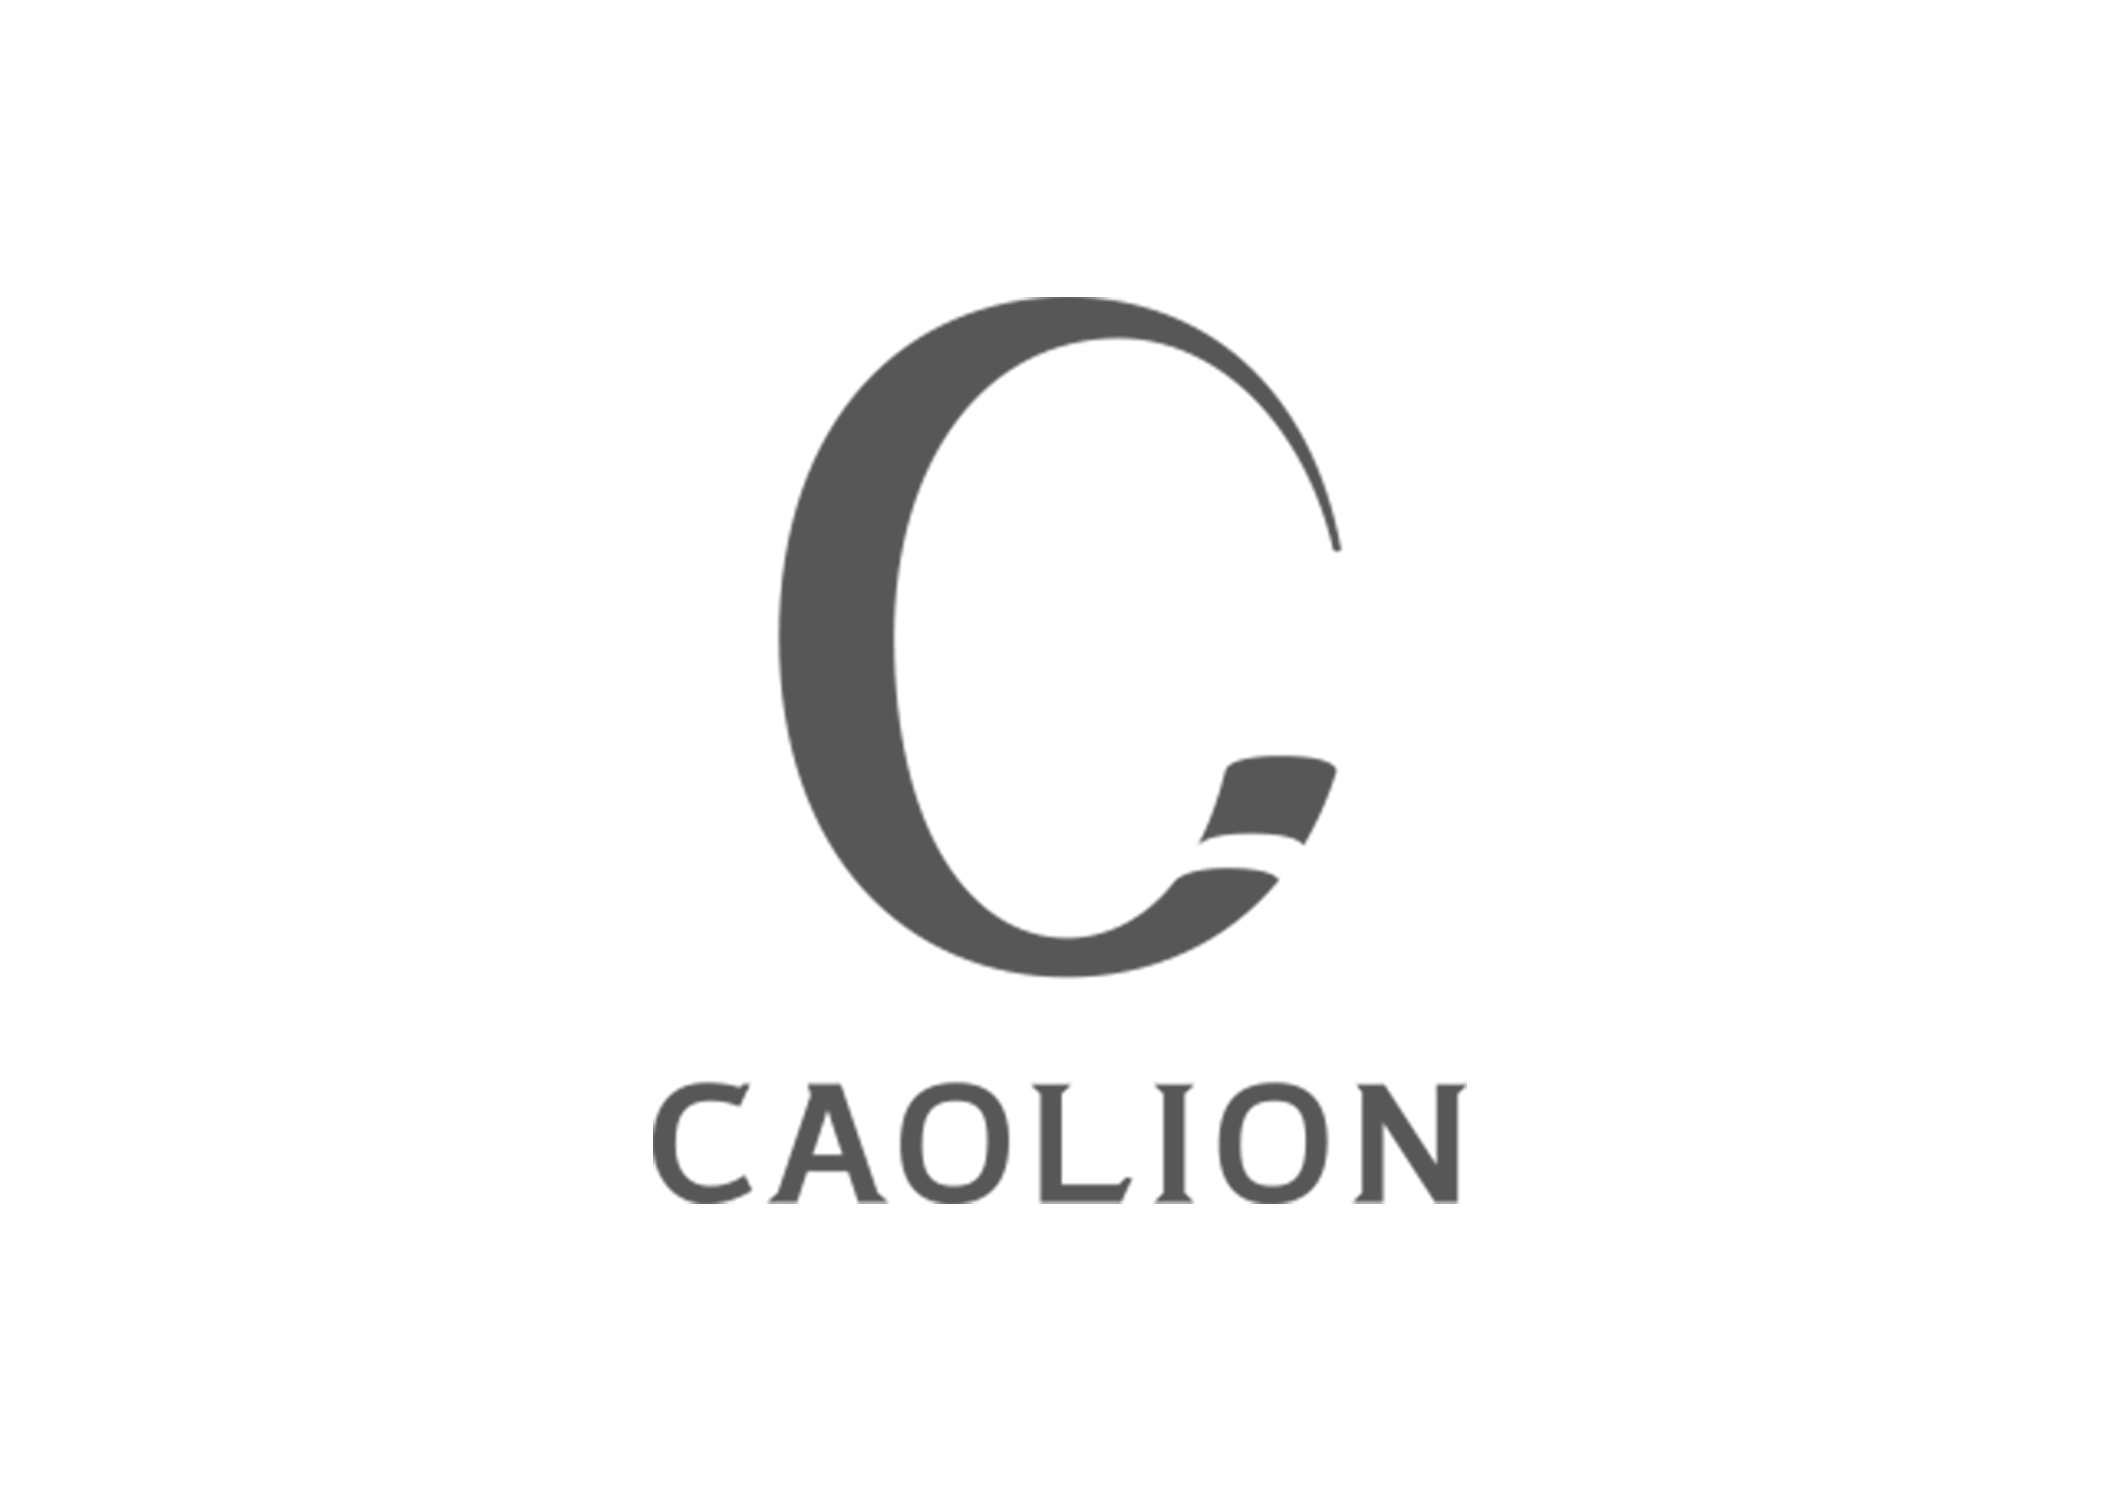 Caolion